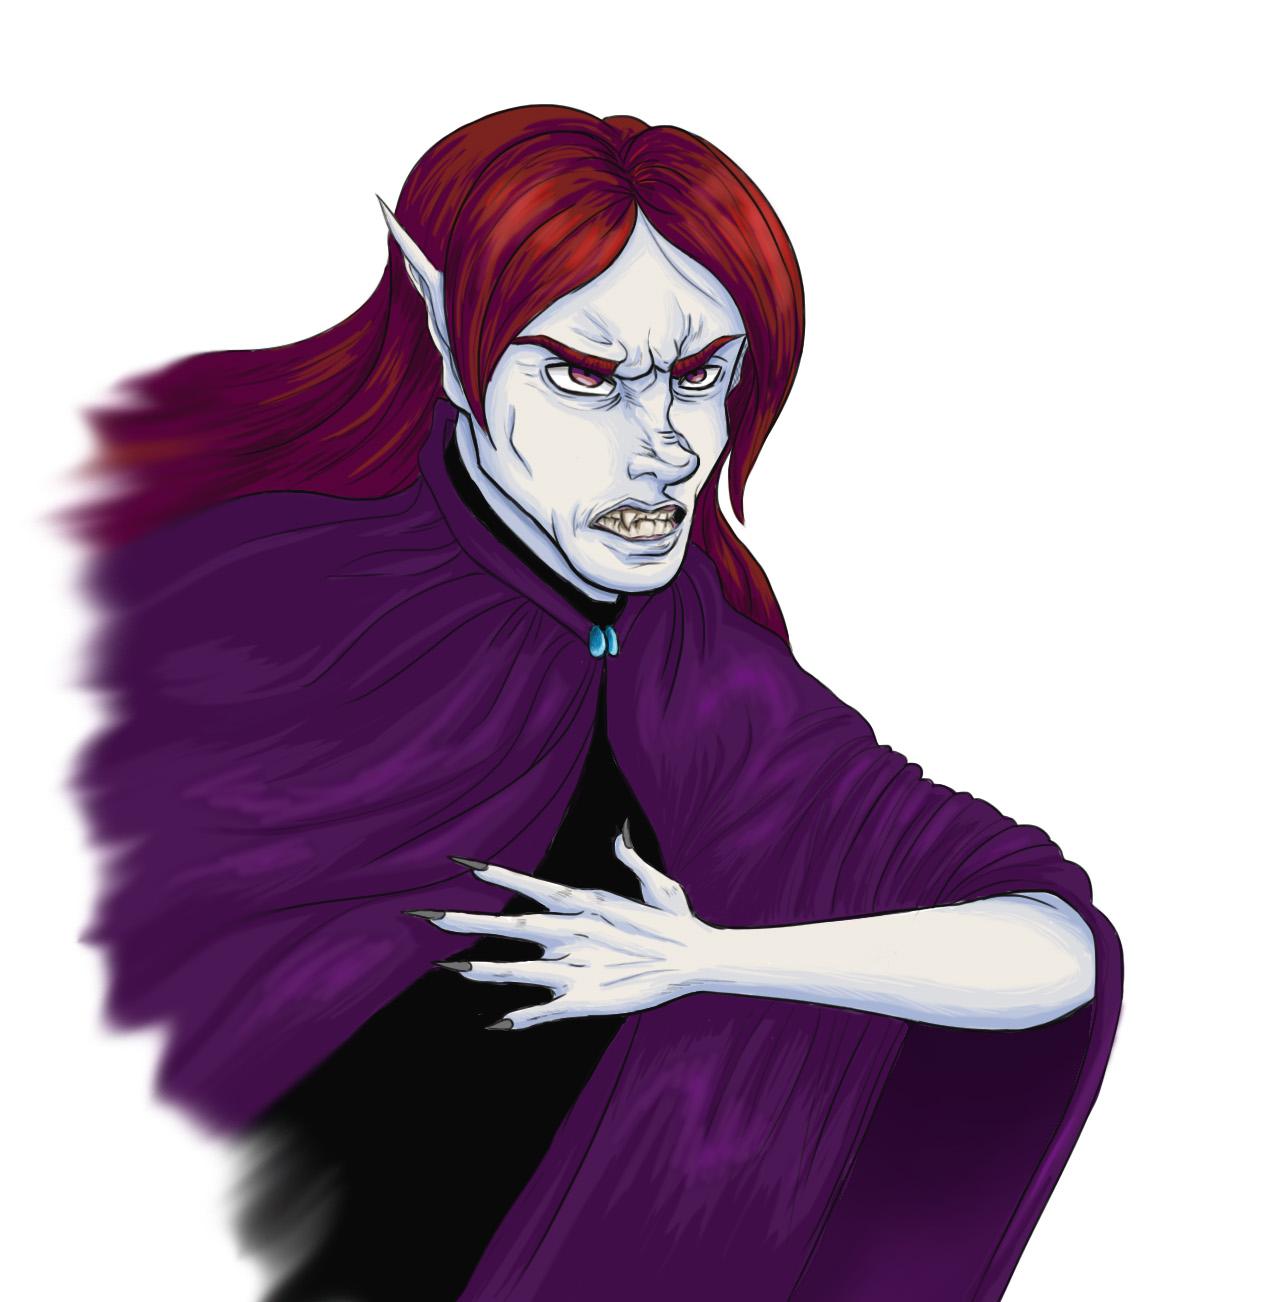 Valandre's anger